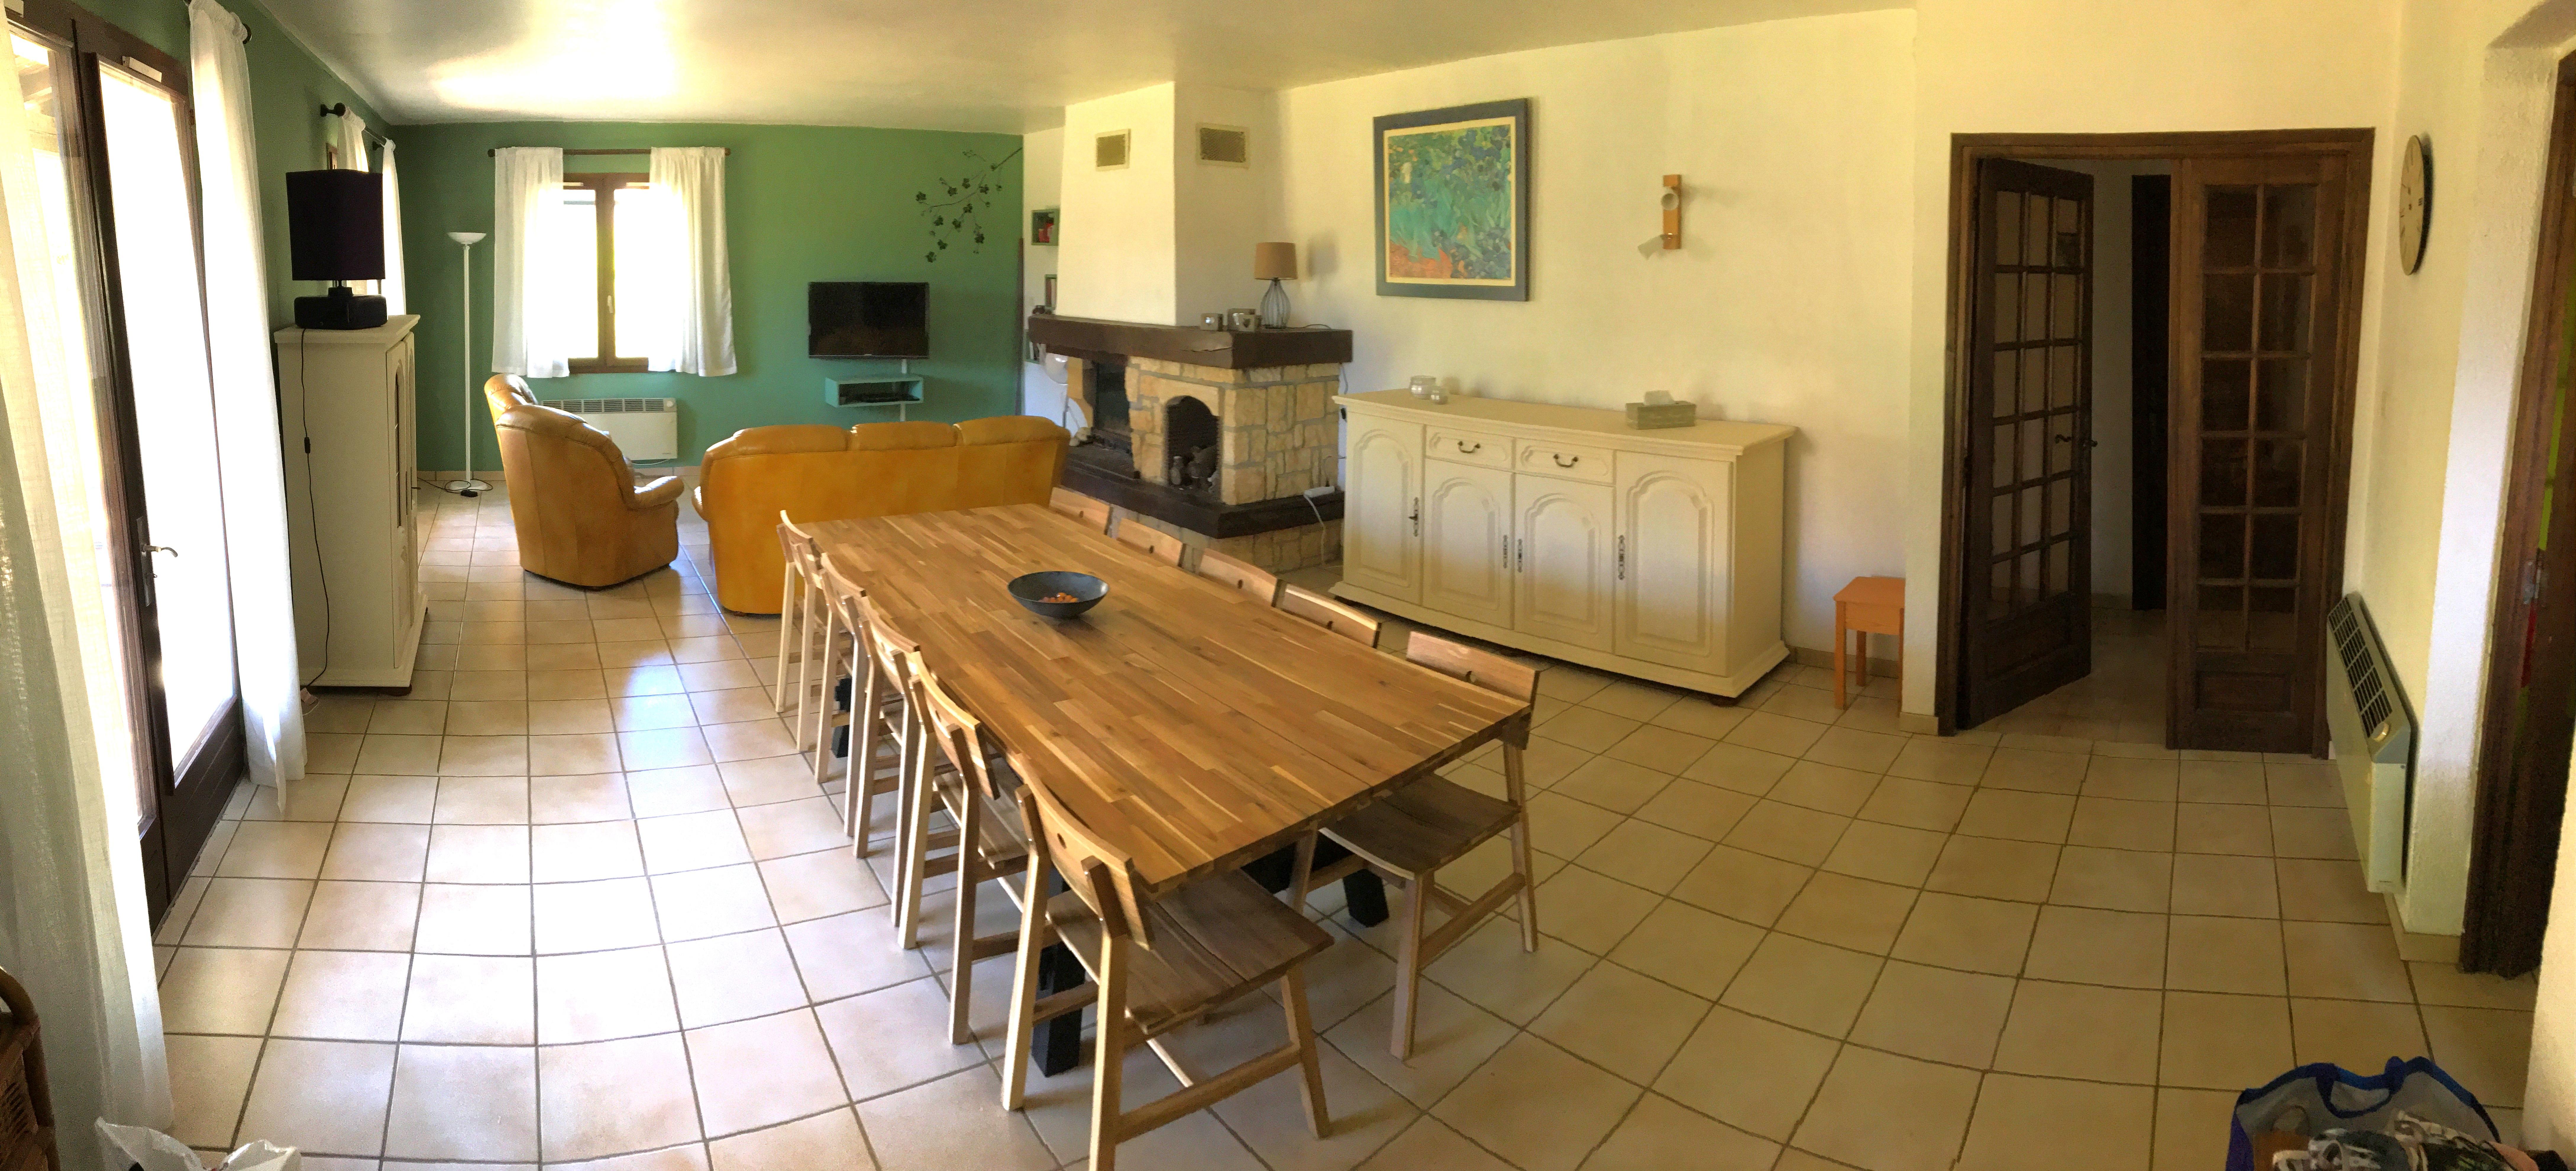 Le salon et la salle à manger